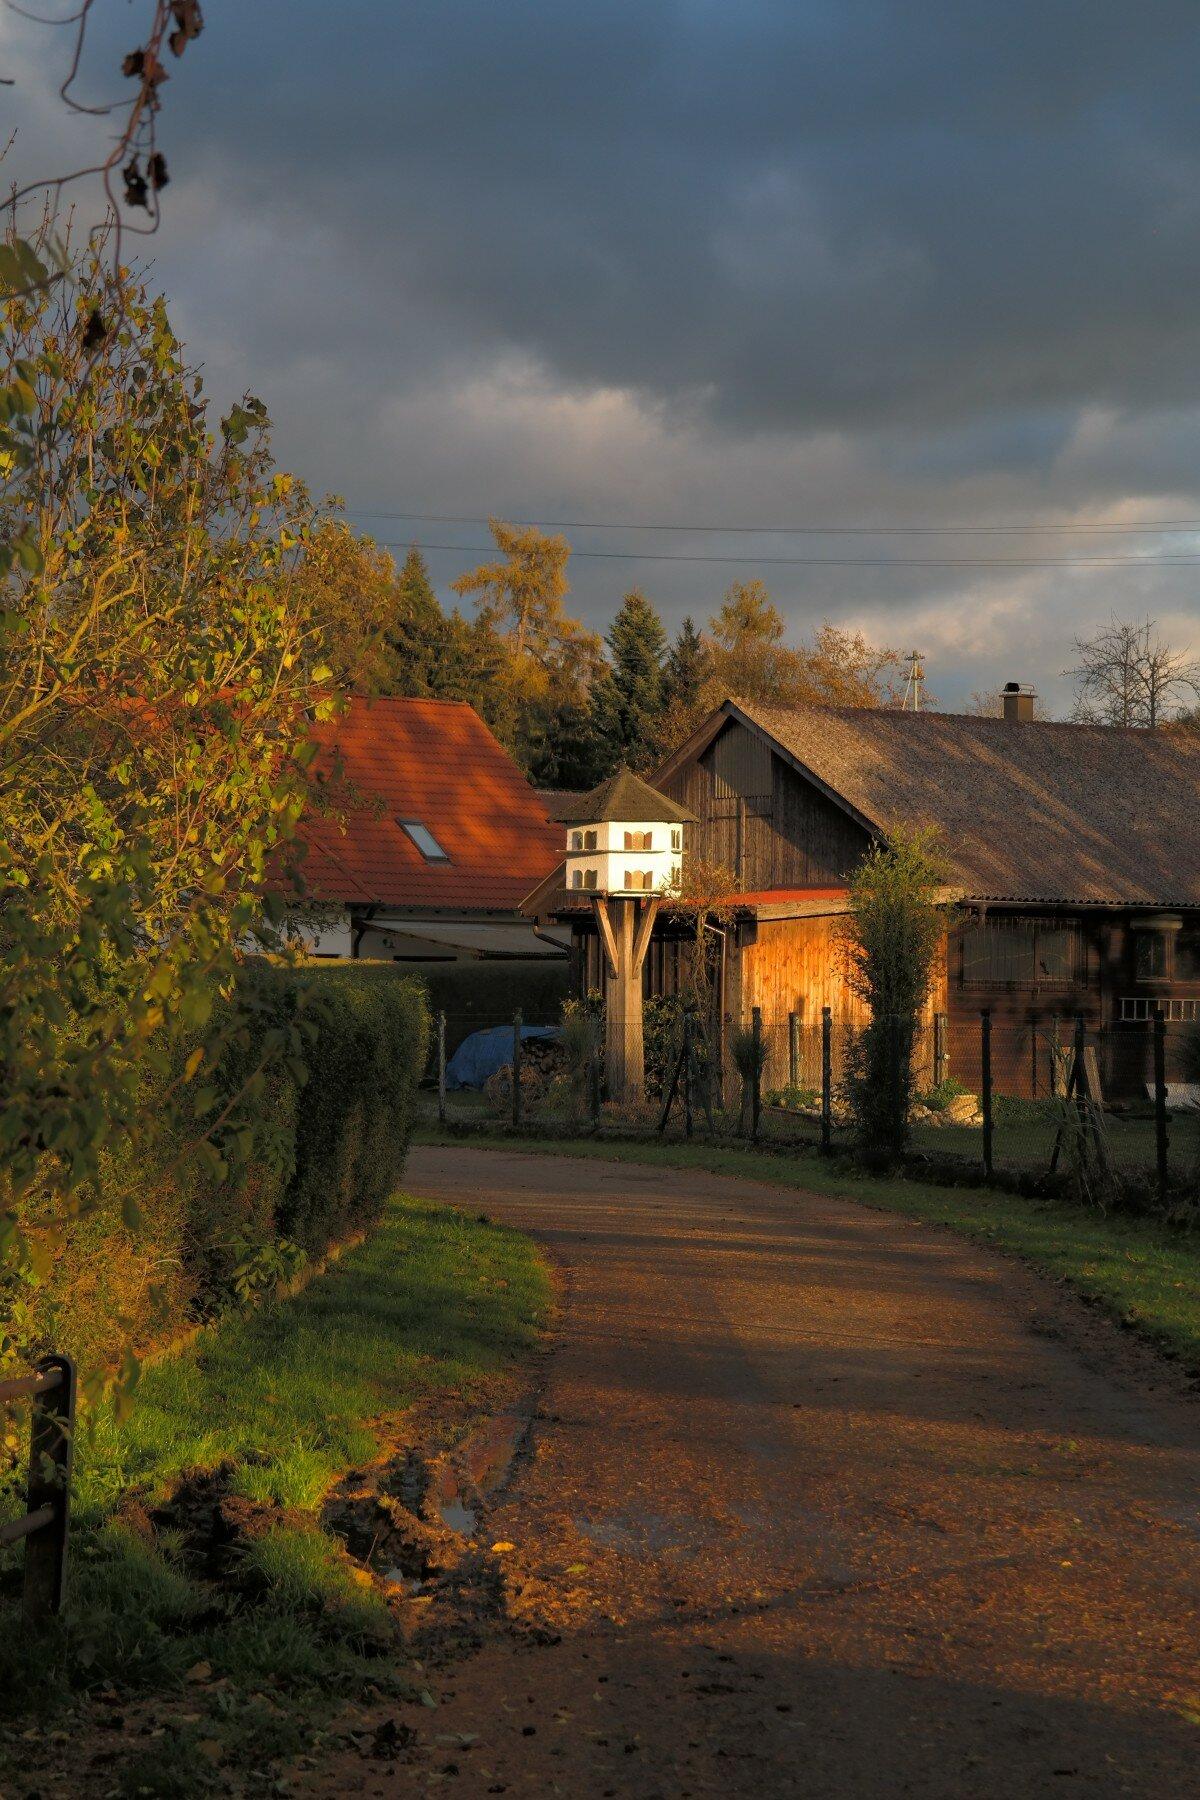 Деревня красивые фотки вертикально